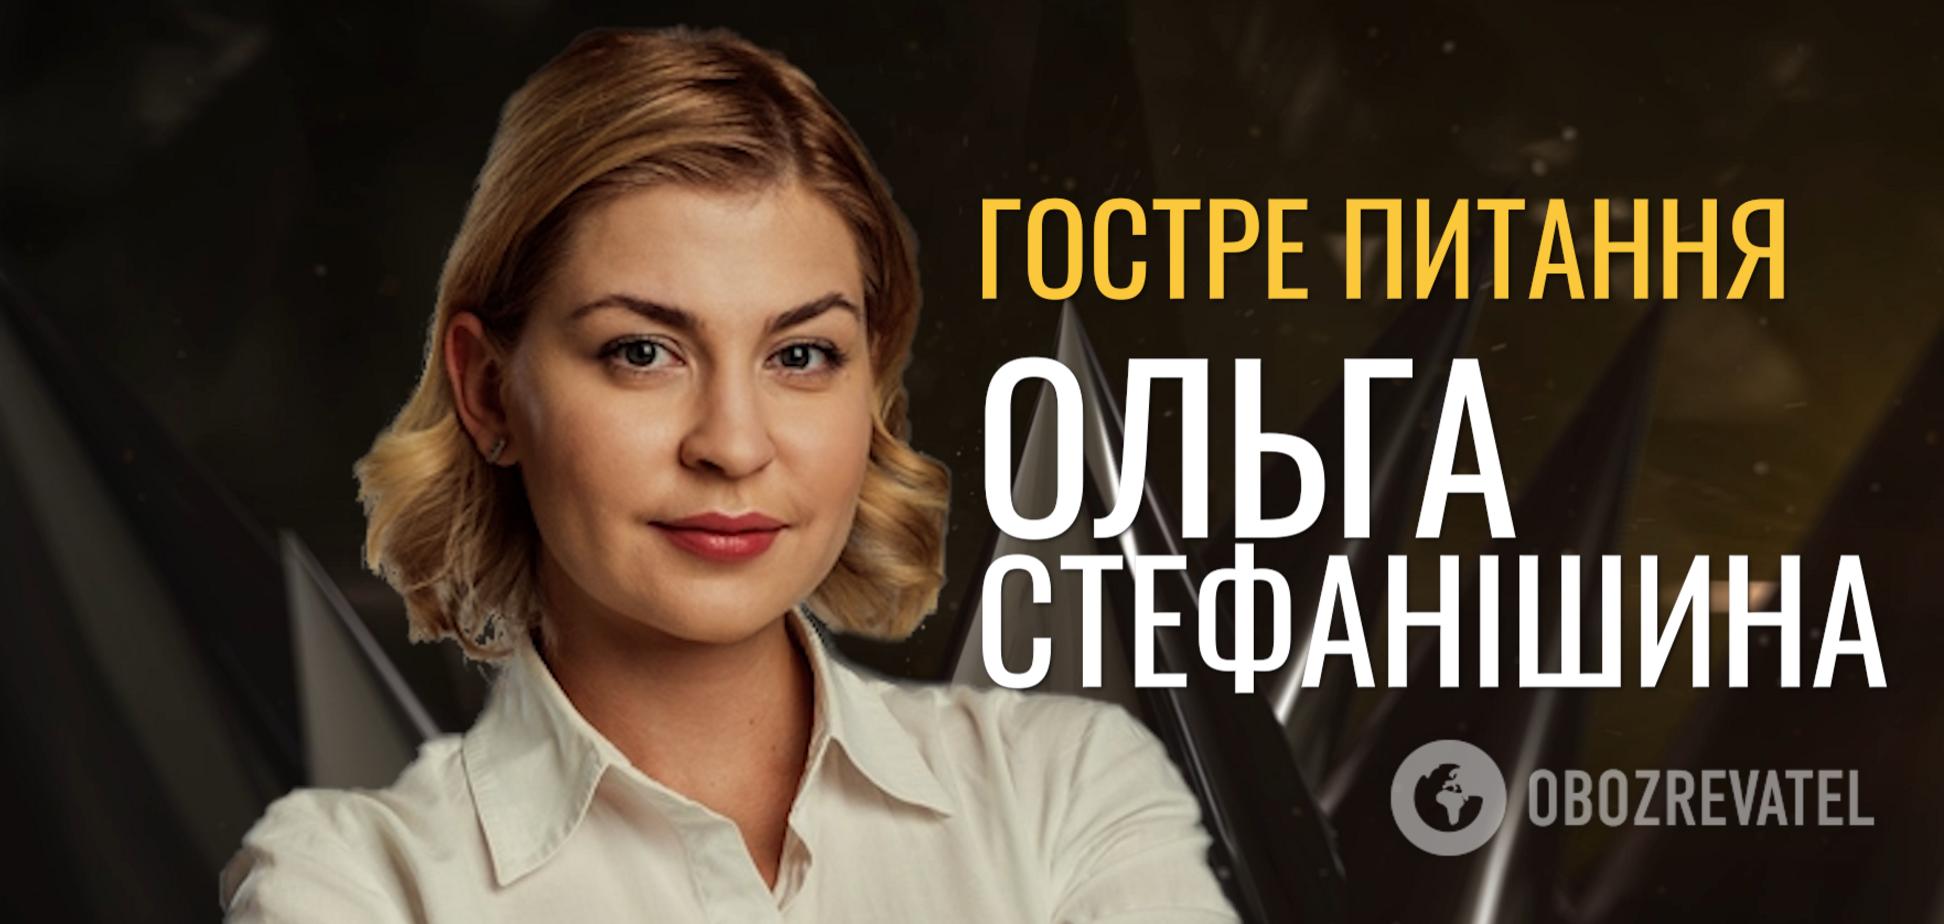 Ольга Стефанішина | Гостре питання